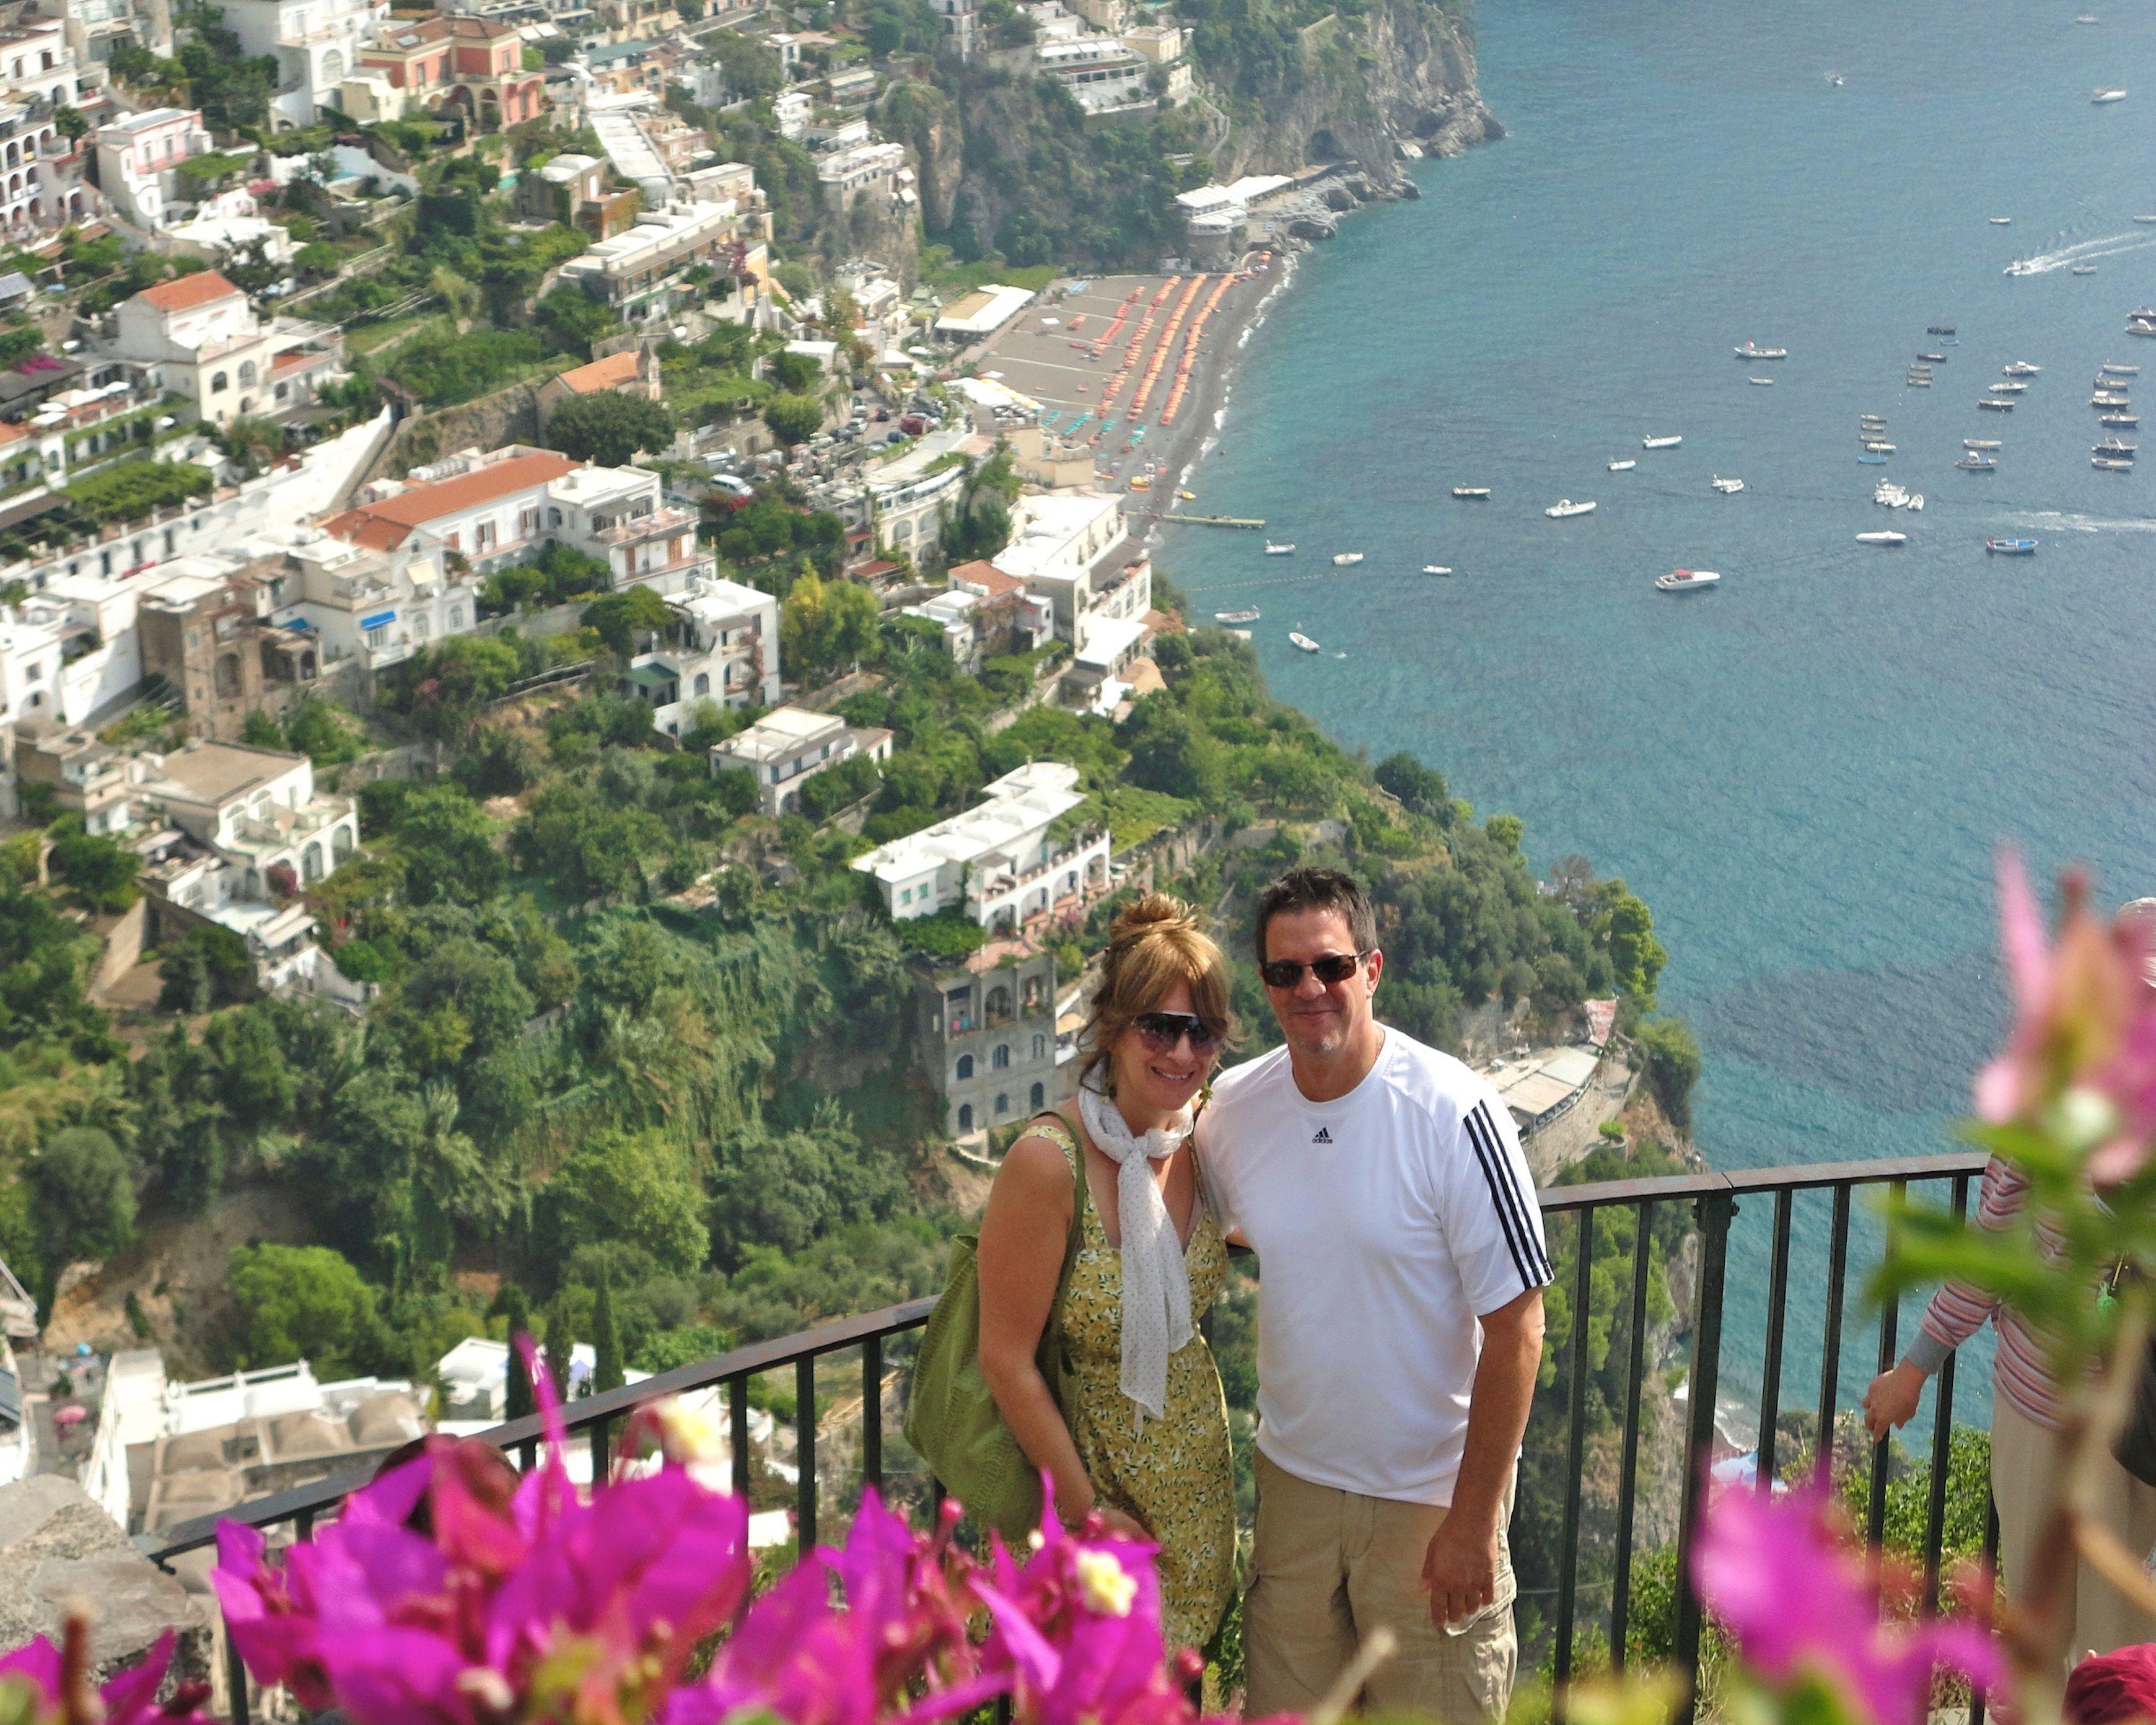 The ultimate Amalfi coast photo!